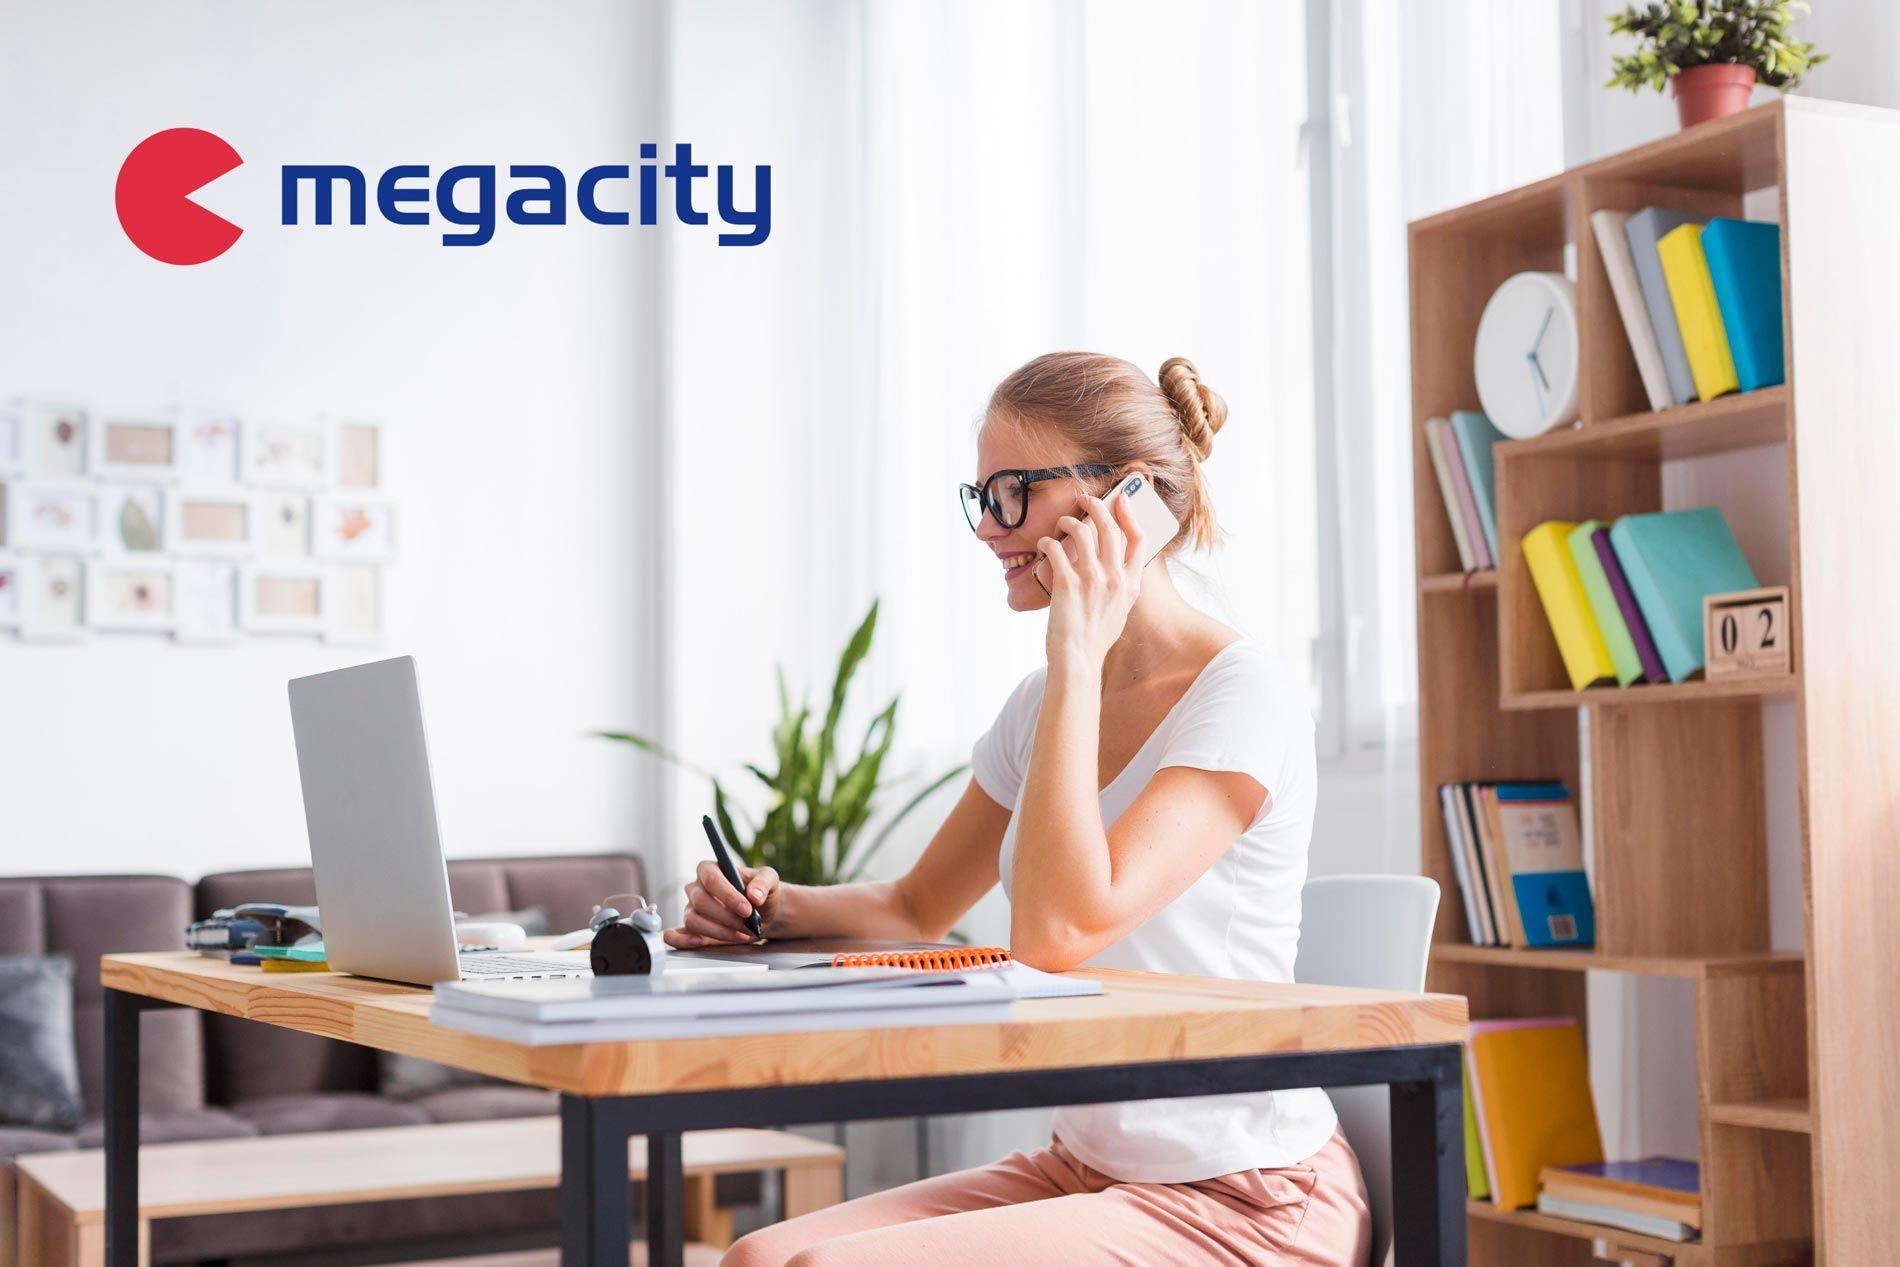 Megacity comprueba el aumento de la productividad en el teletrabajo con el material de oficina adecuado